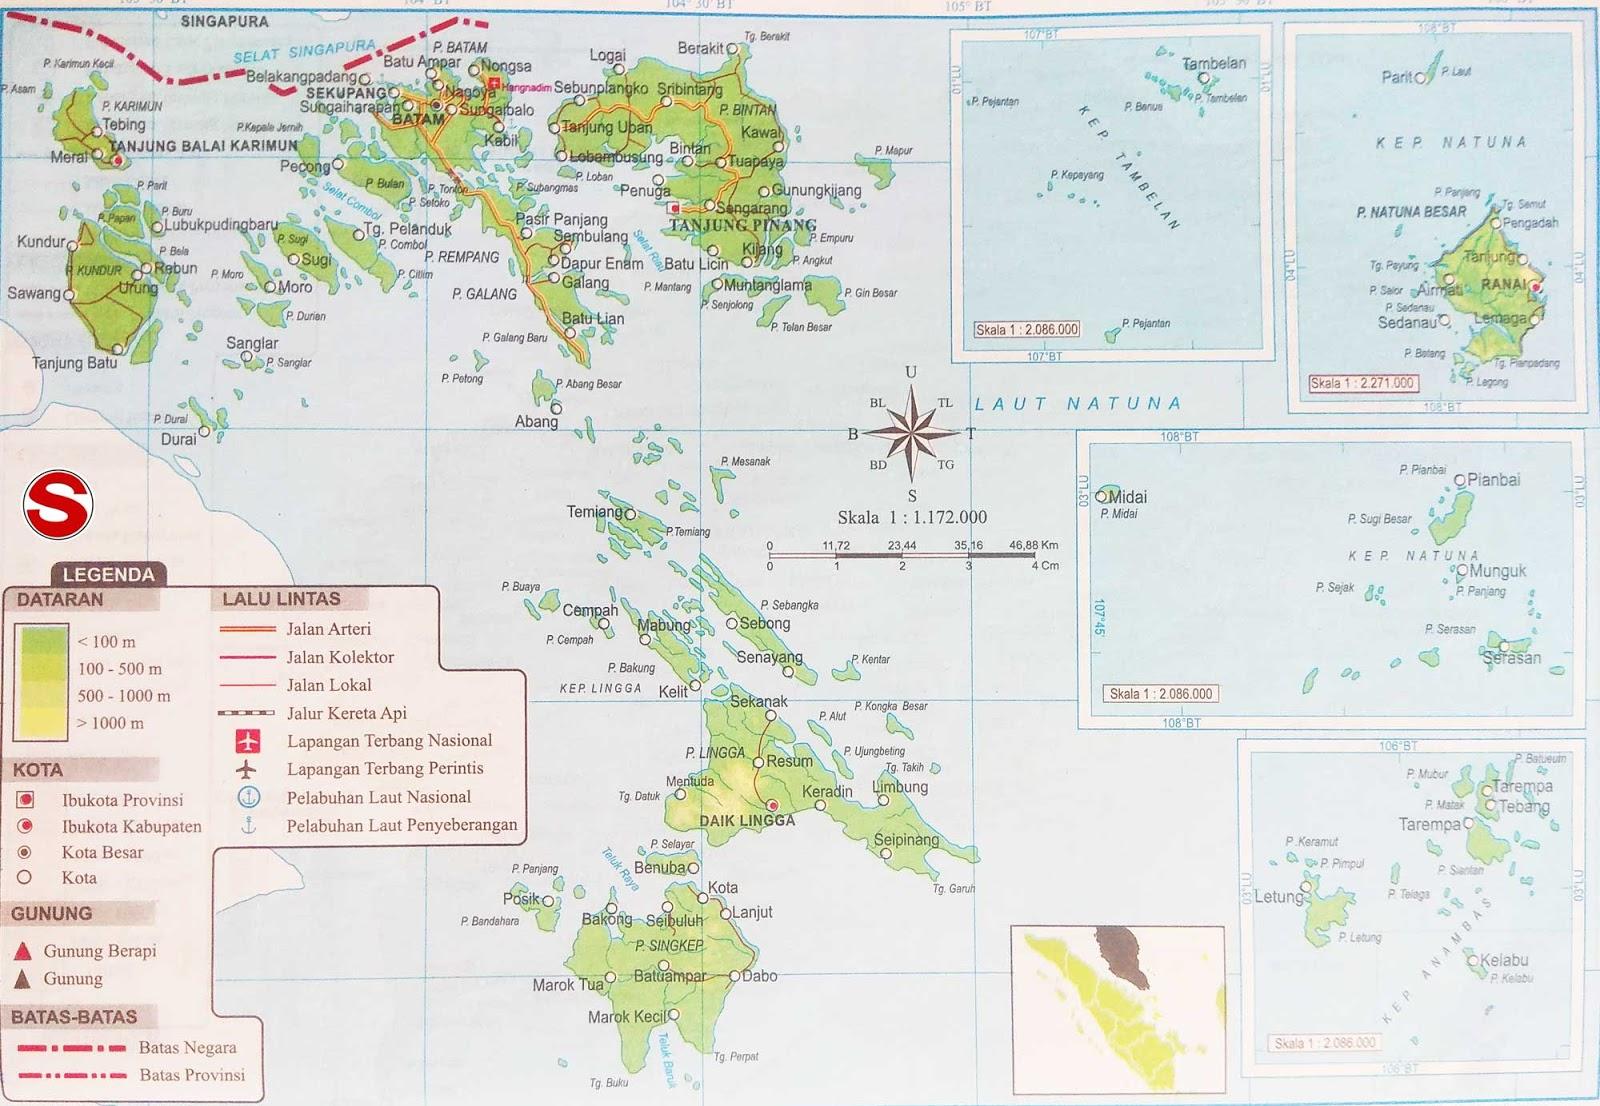 Peta Provinsi Kepulauan Riau di bawah ini mencakup peta dataran Peta Atlas Provinsi Kepulauan Riau Lengkap